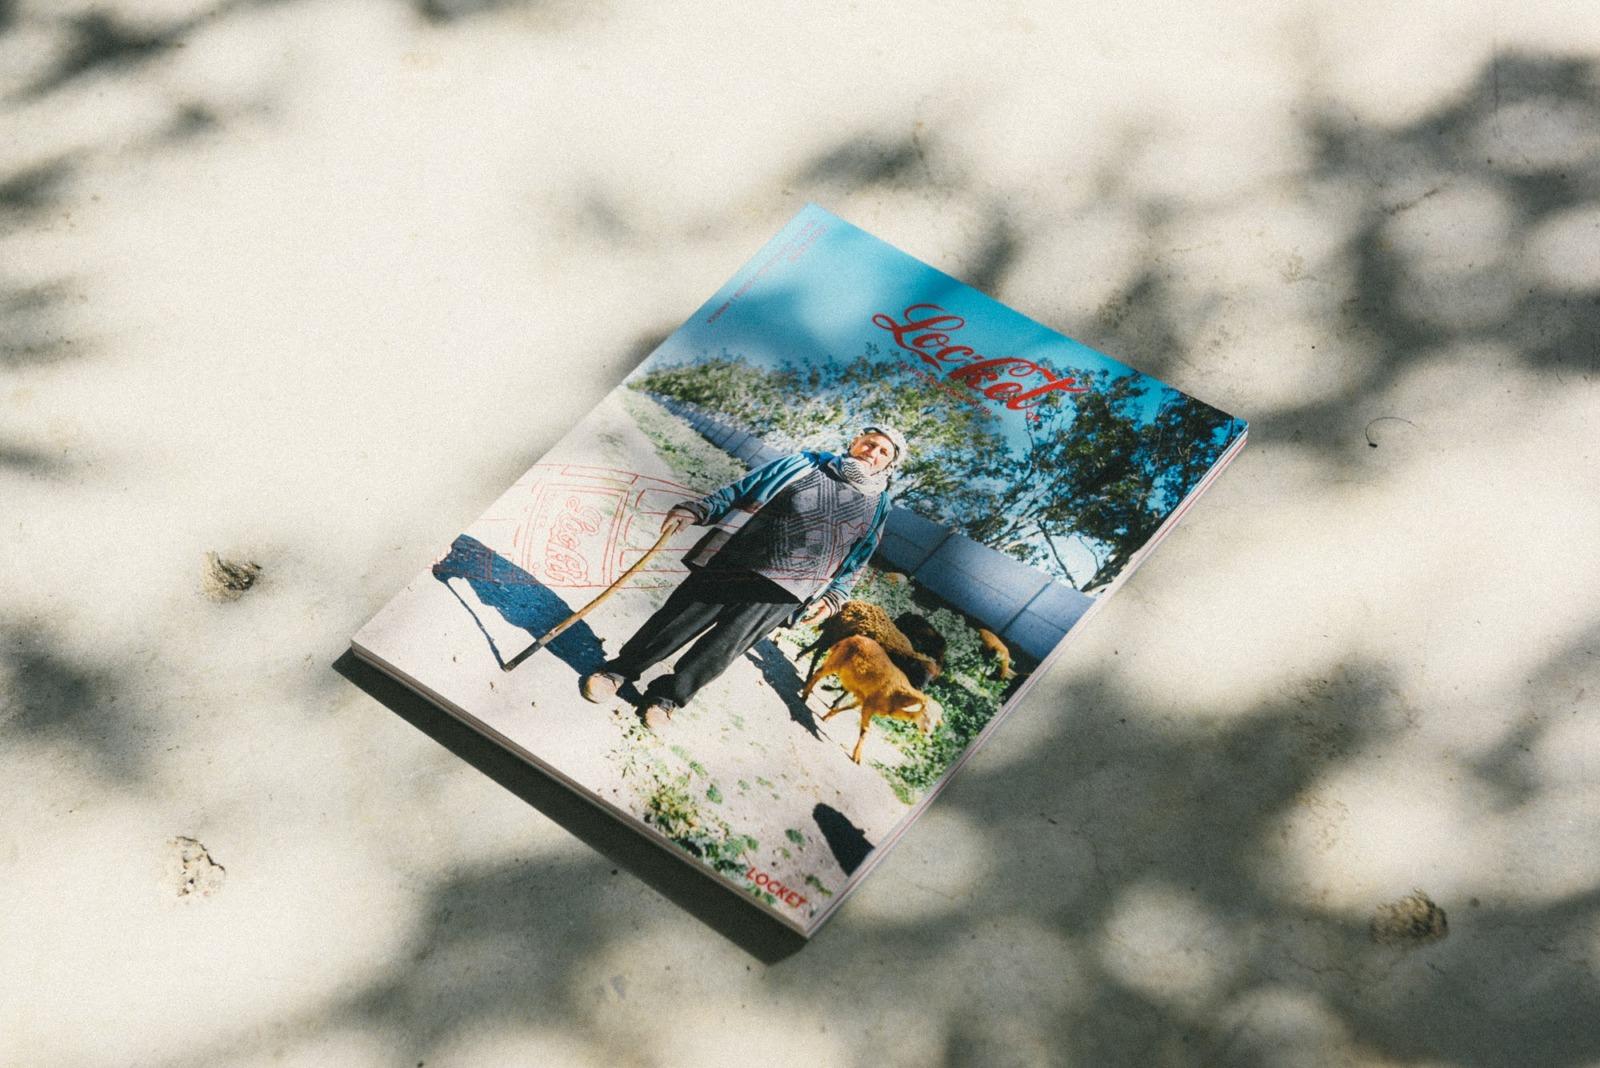 旅人と編集者。2つの視点を行き来しながら見つける自分の現在地 『LOCKET』編集長 内田洋介インタビュー